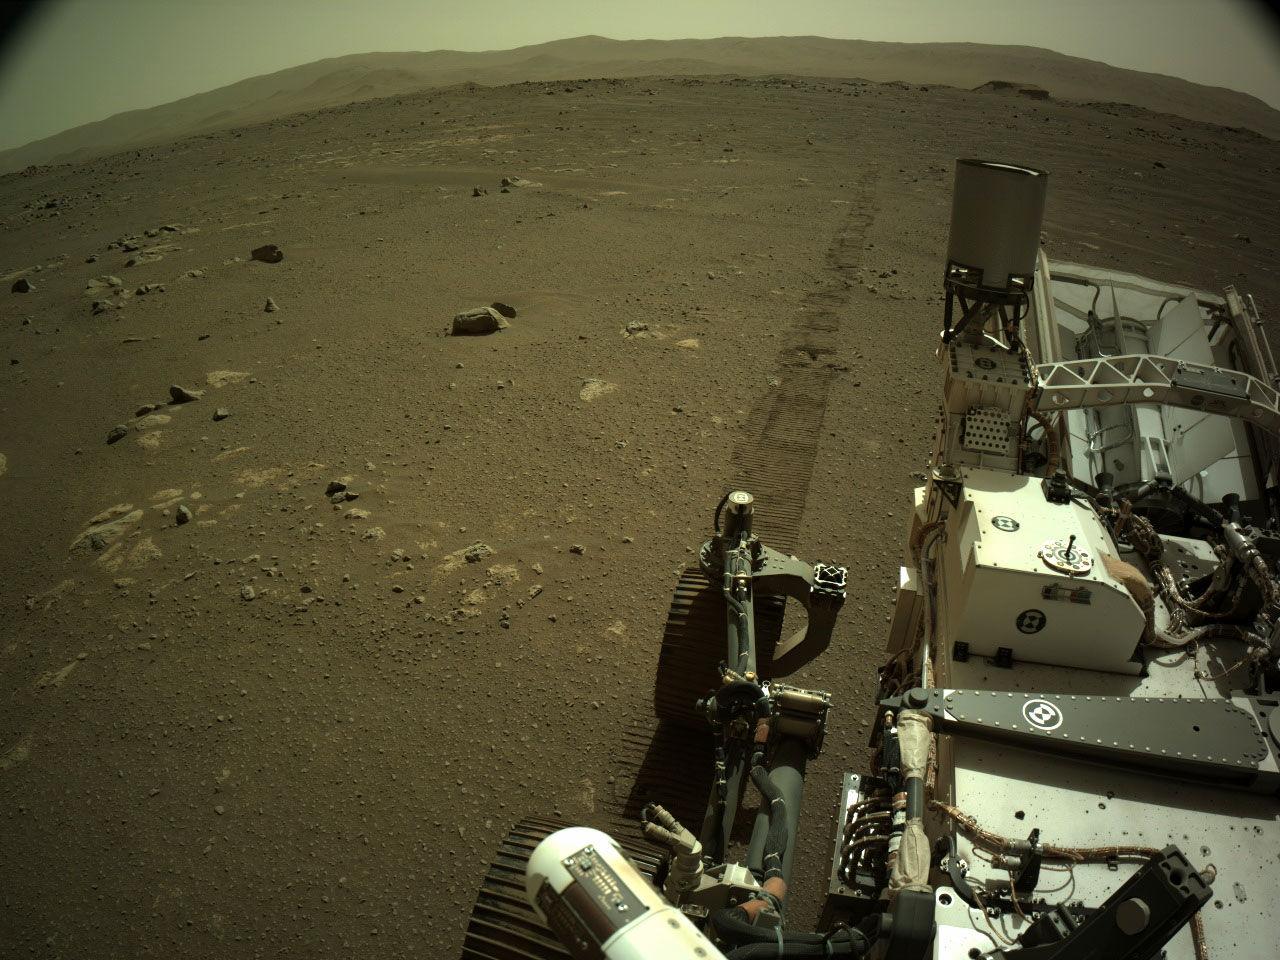 Så här låter det när Perseverance susar fram på Mars